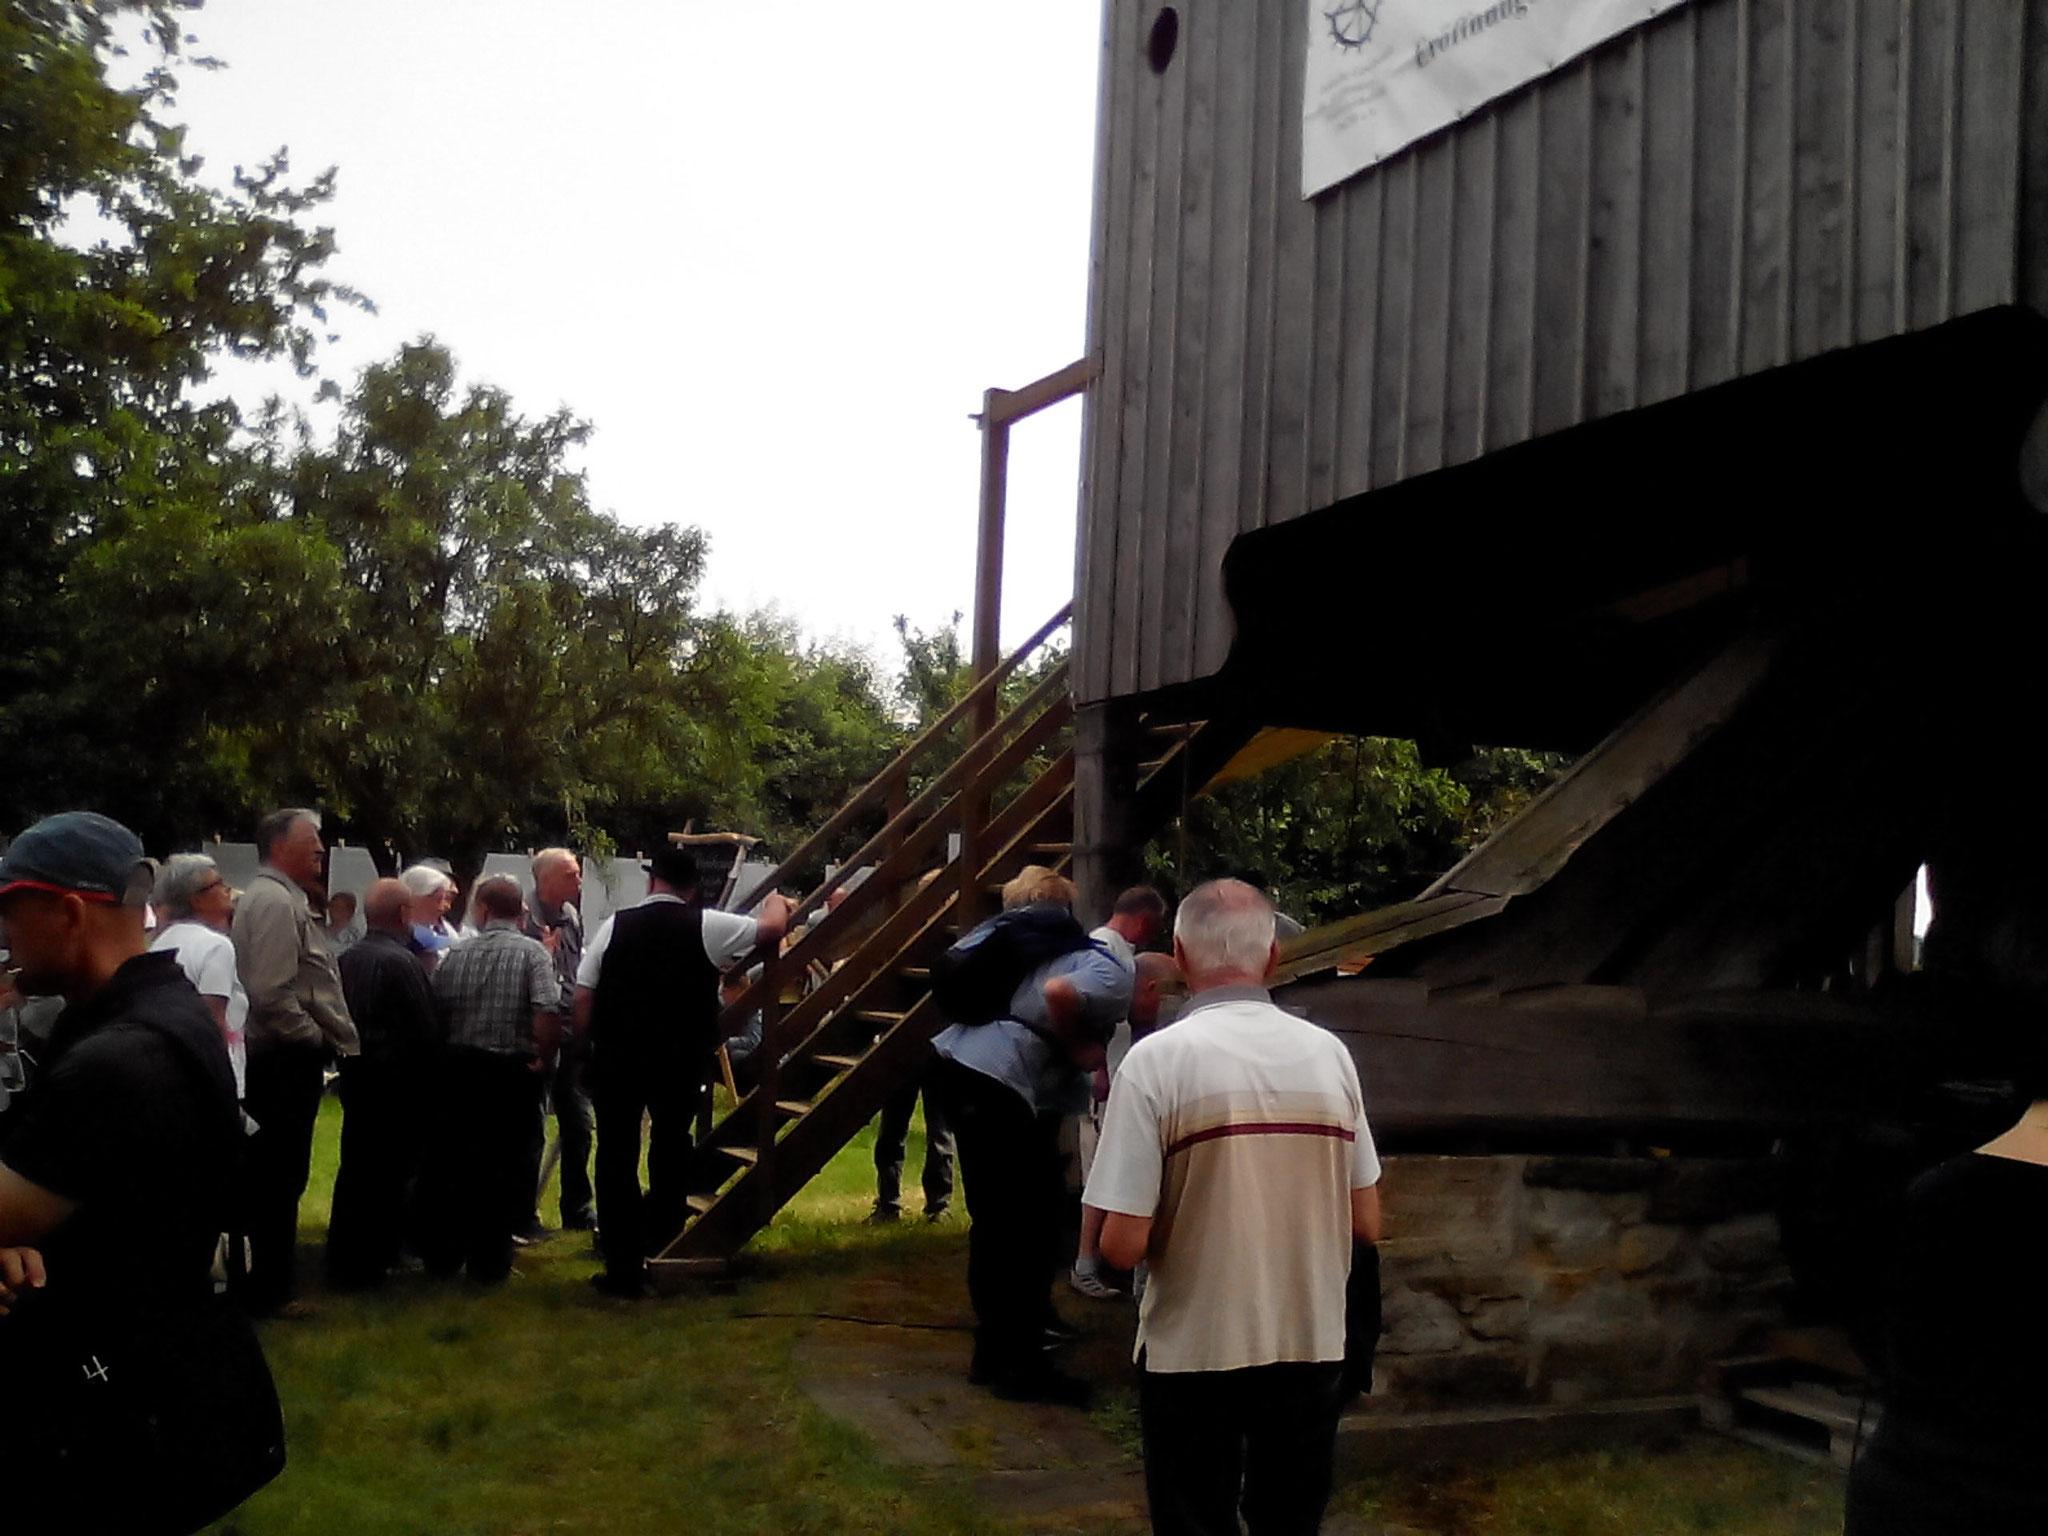 Kurz vor der nächsten Mühlenführung stehen die Leute Schlange